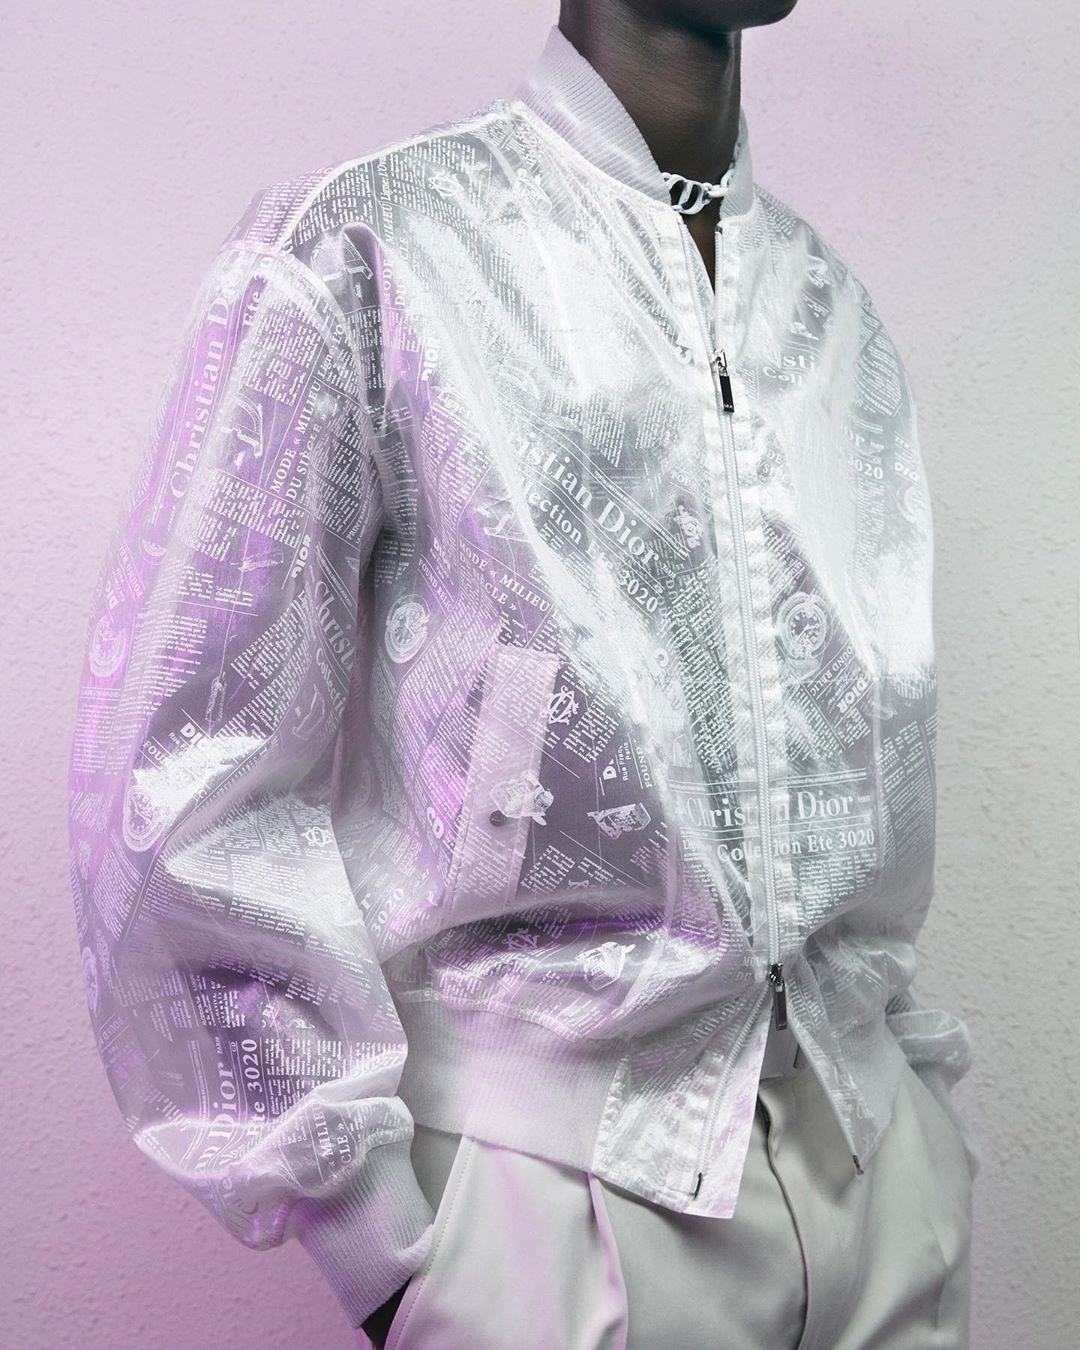 Образ из коллекции Dior Spring/Summer 2020 Menswear